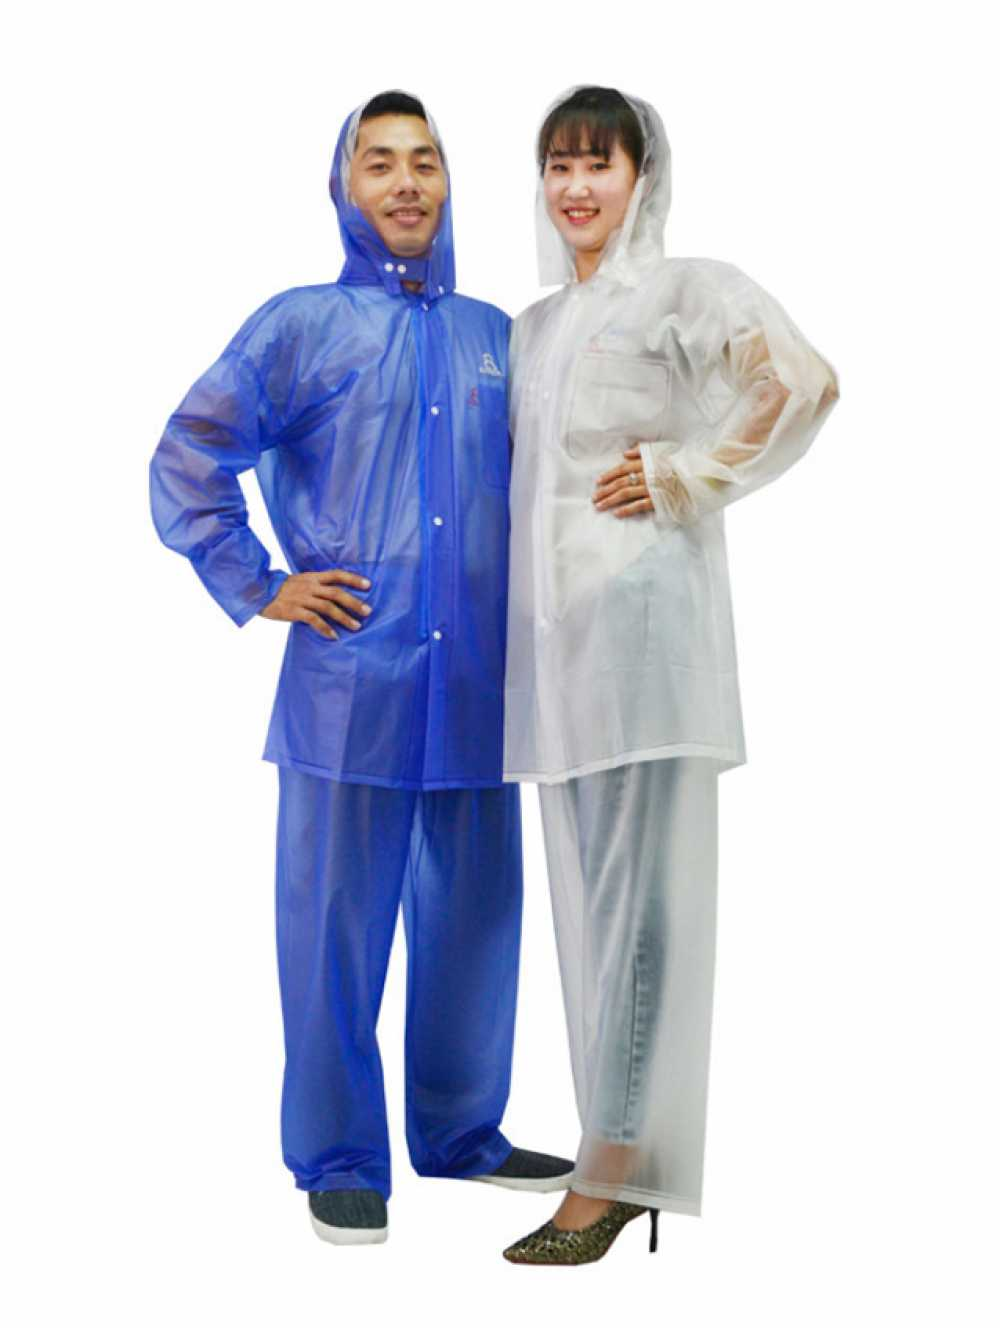 ÁO MƯA BỘ RANDO Bộ áo mưa Trong Màu